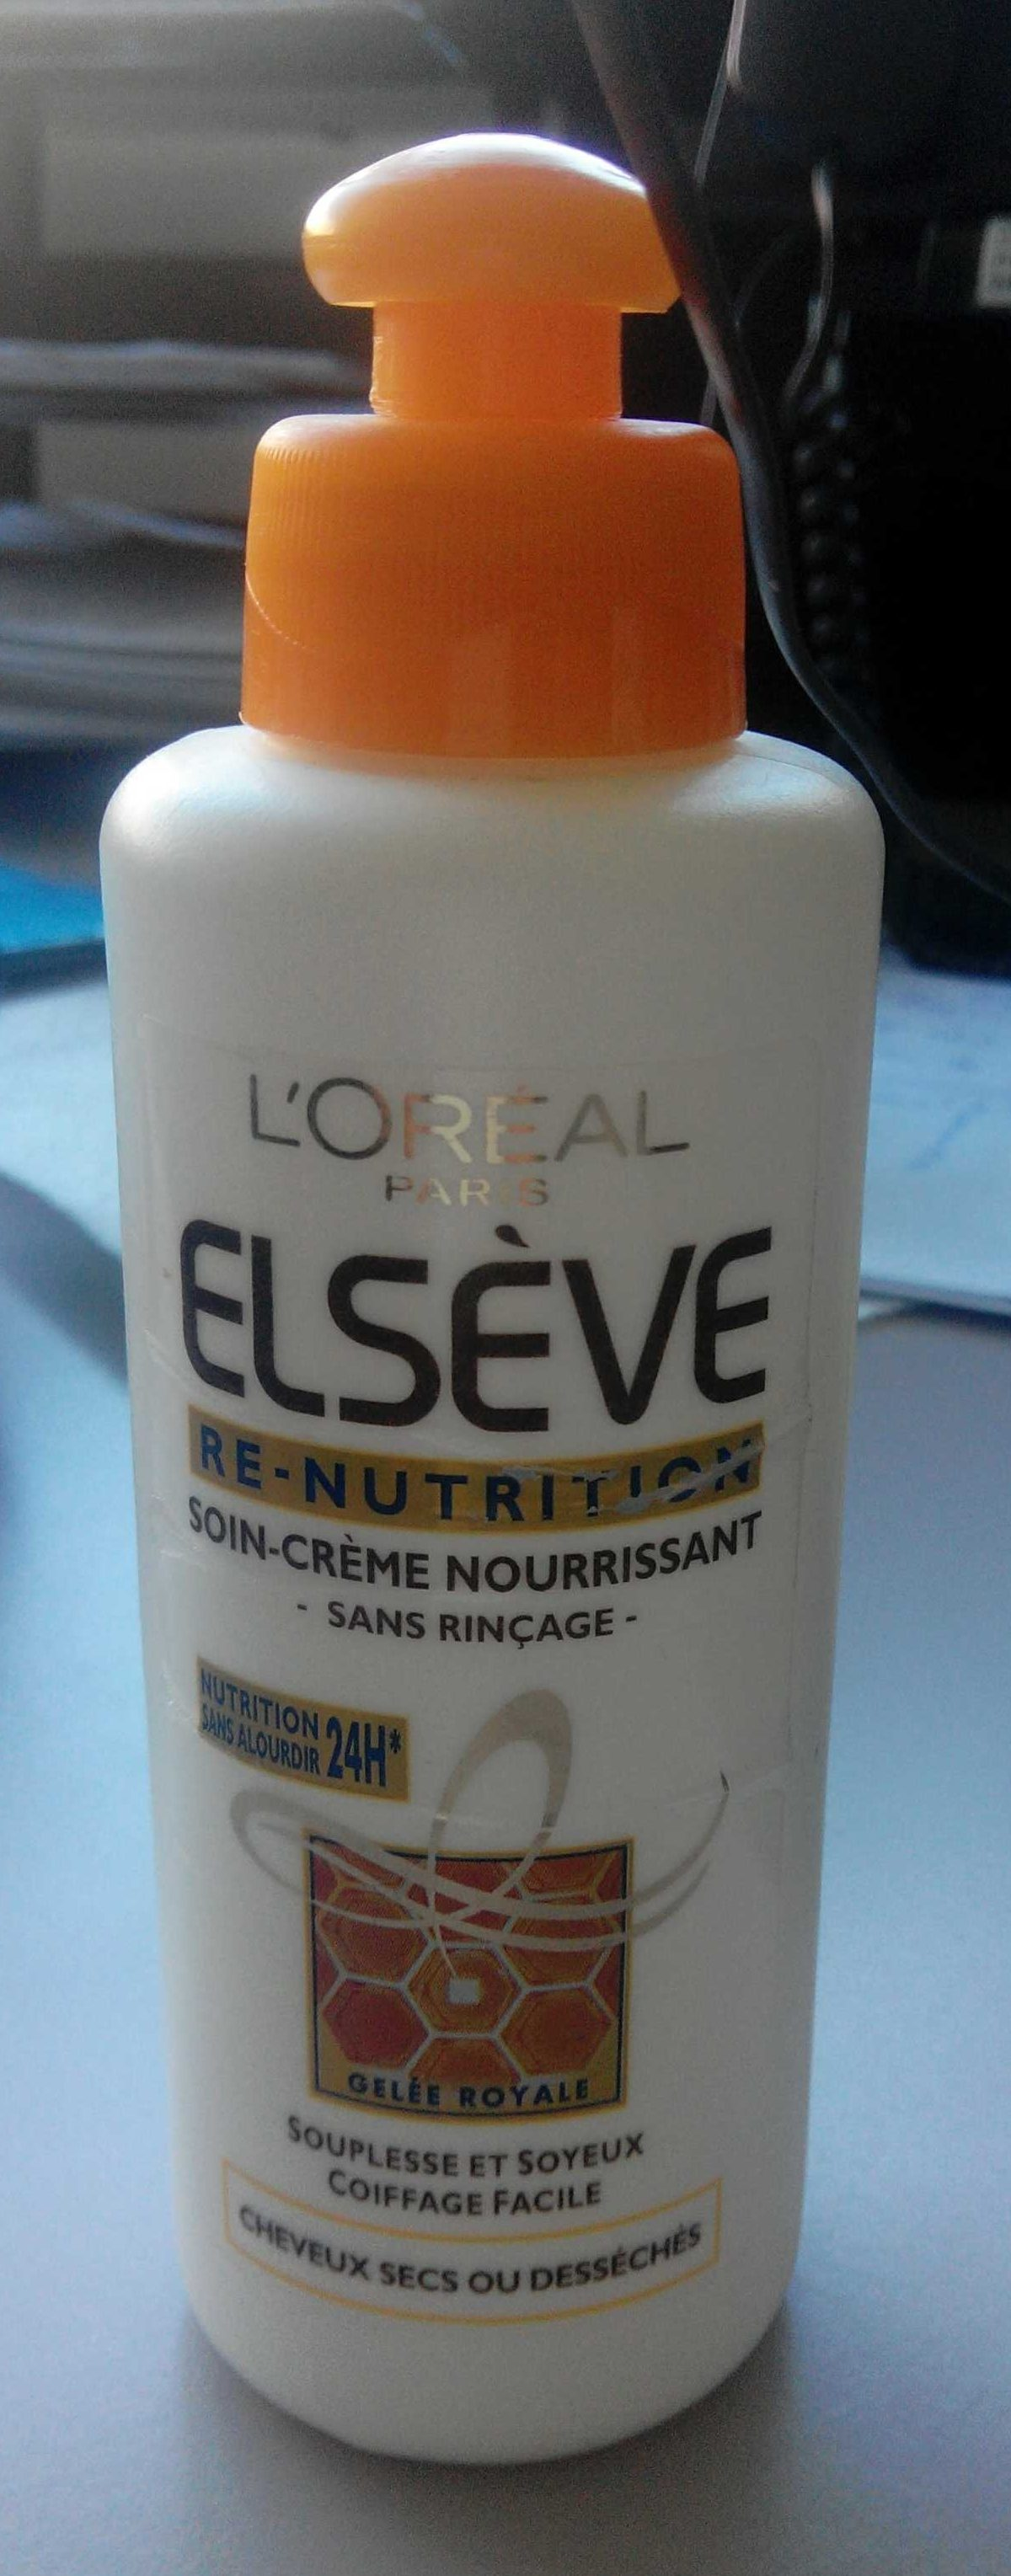 Elseve Re-Nutrition Soin-crème nourrissant - Product - fr